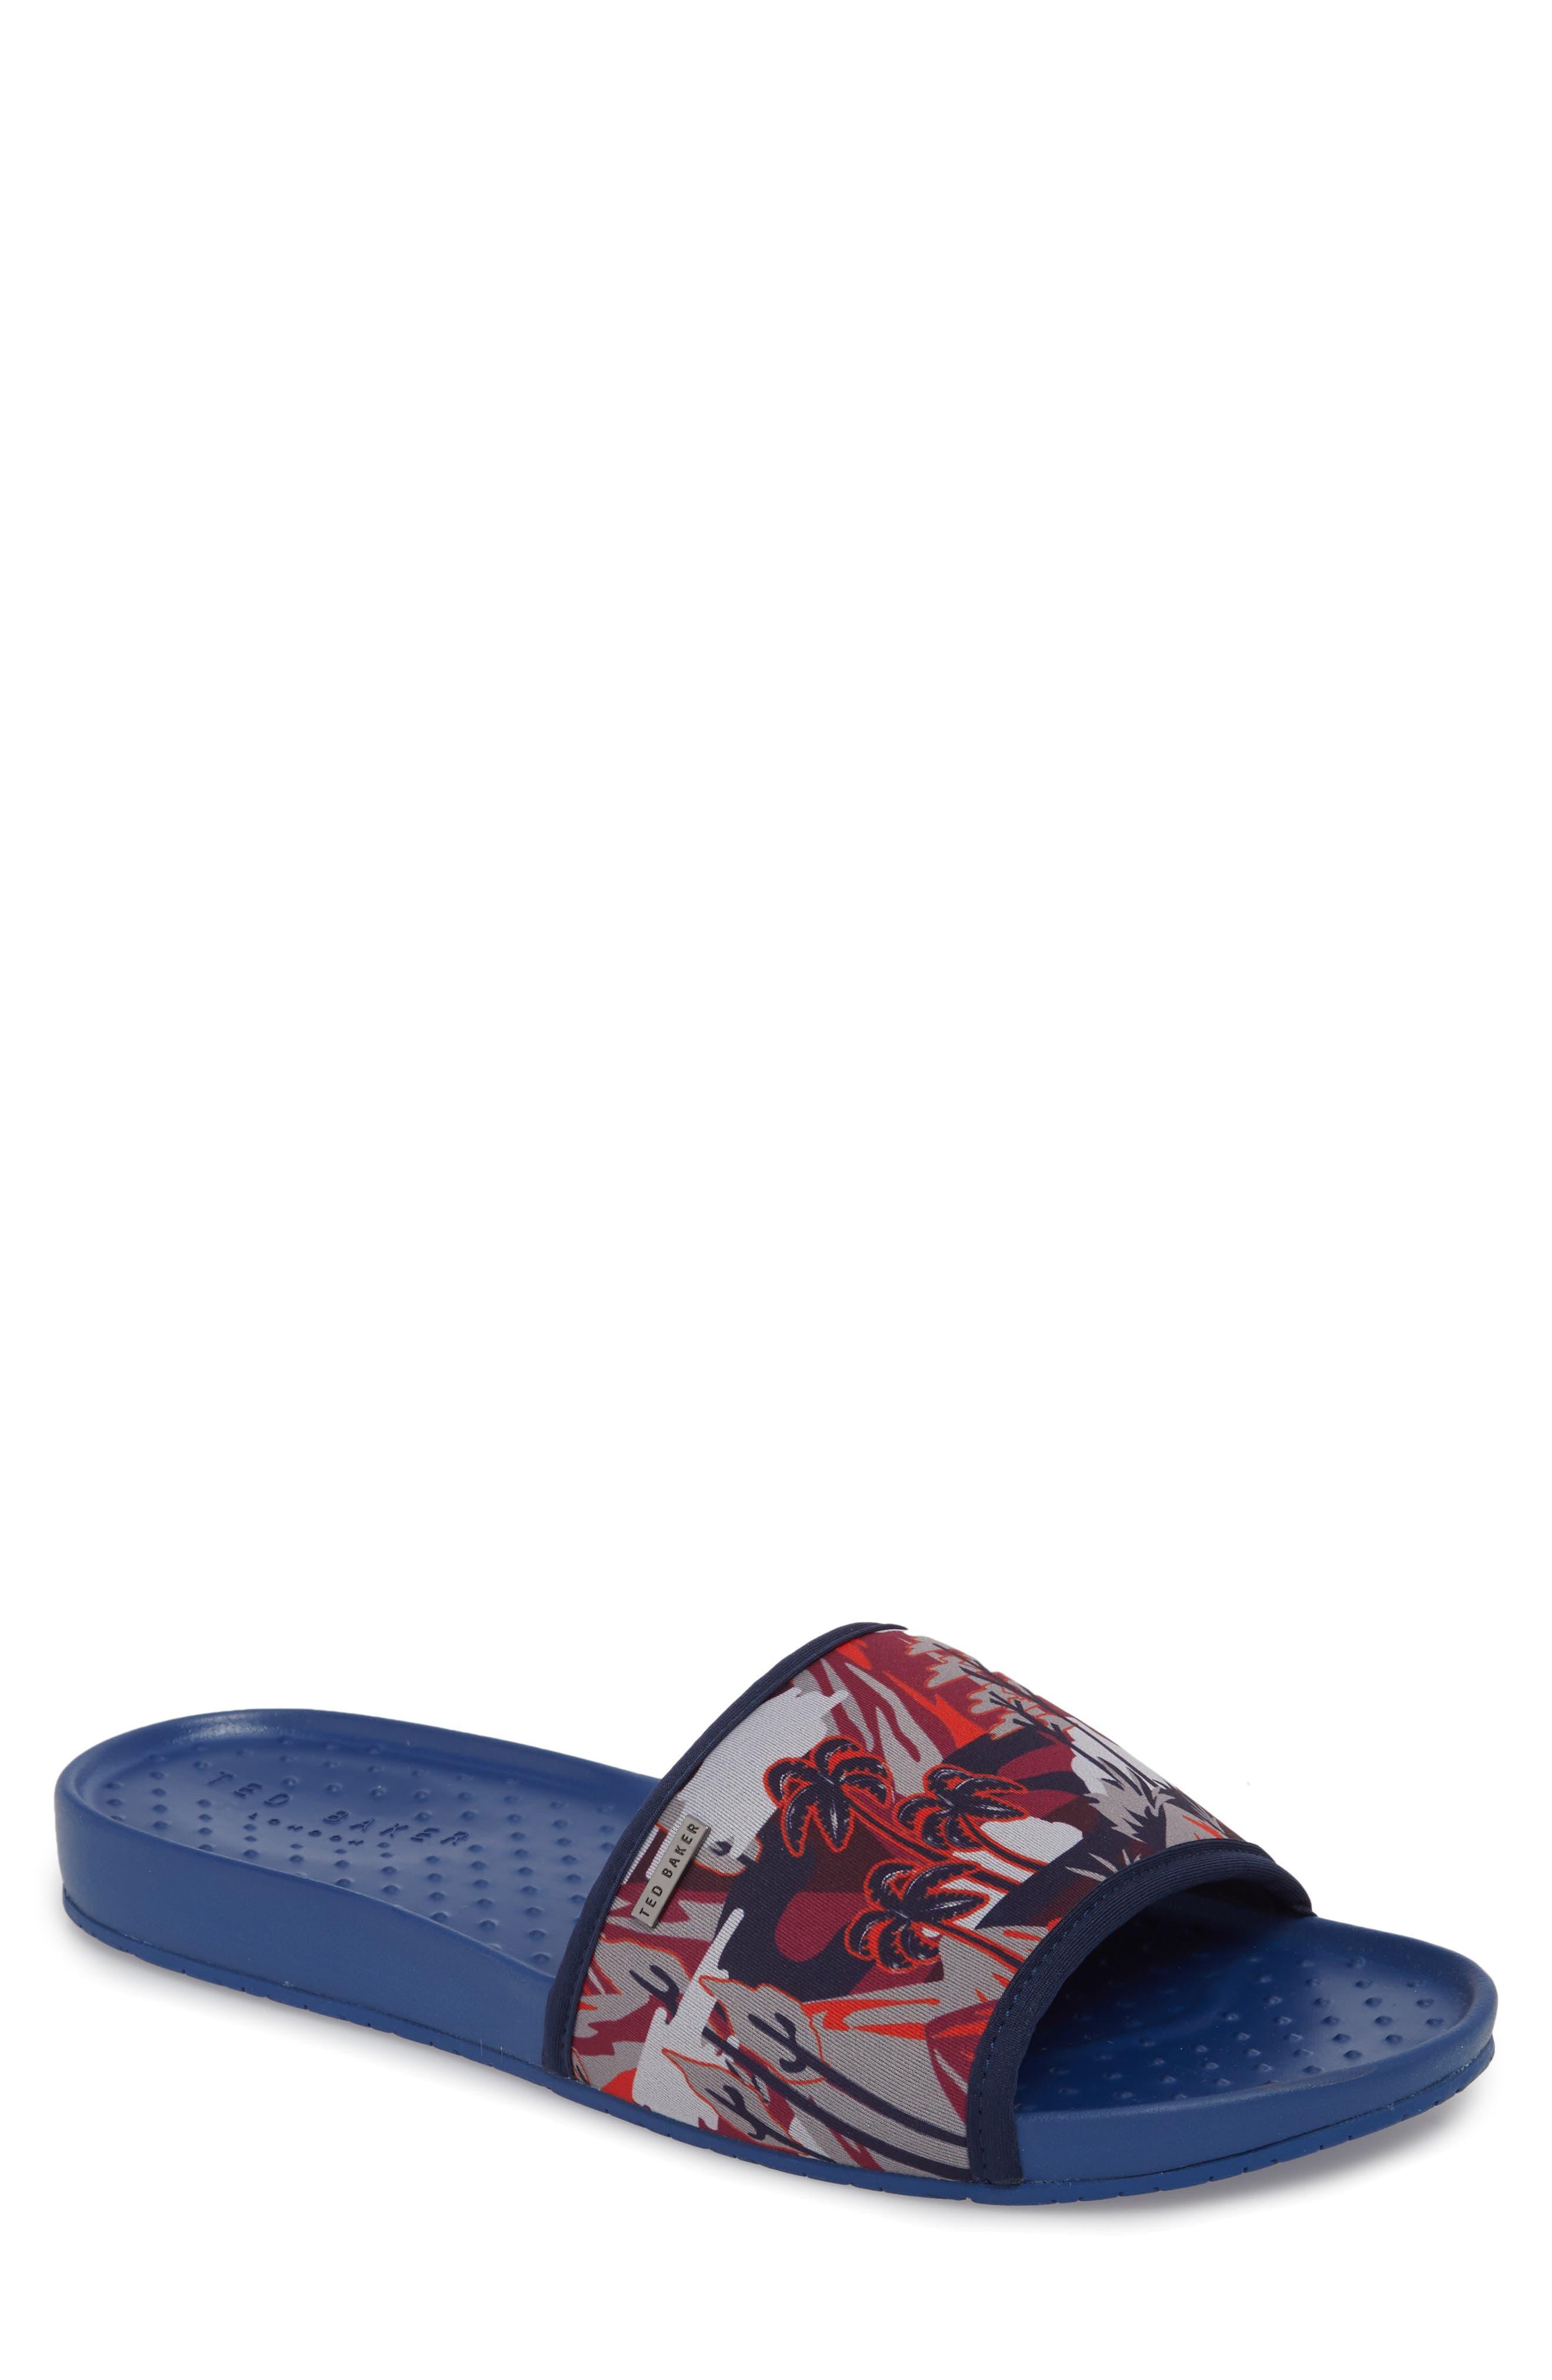 Sauldi 2 Slide Sandal,                         Main,                         color, Dark Blue